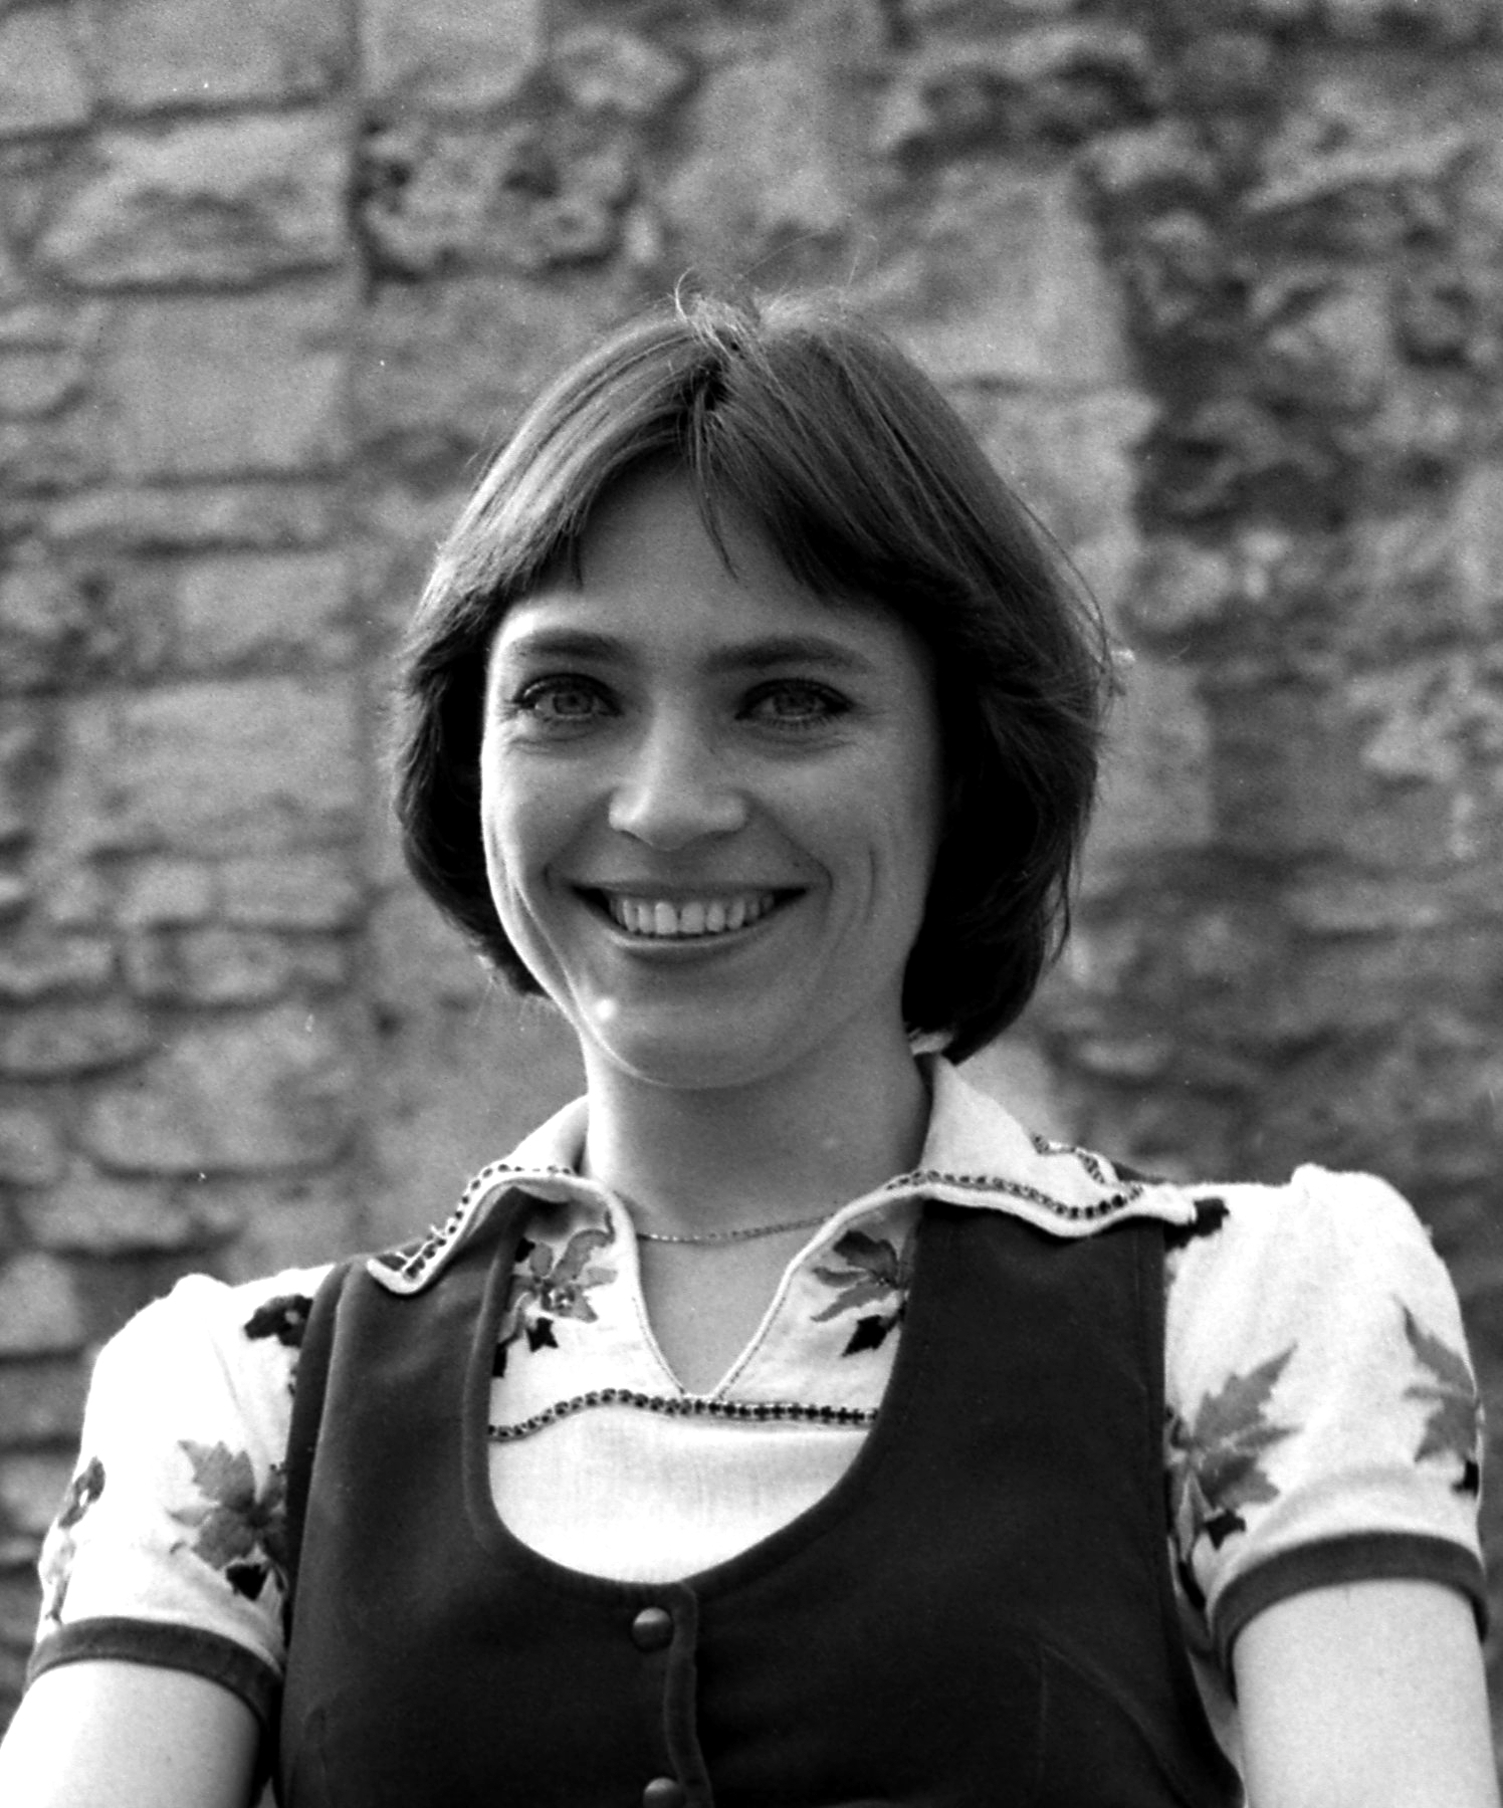 Kovács Kati és a hatalmas mosolya - Fotó: Fortepan.hu